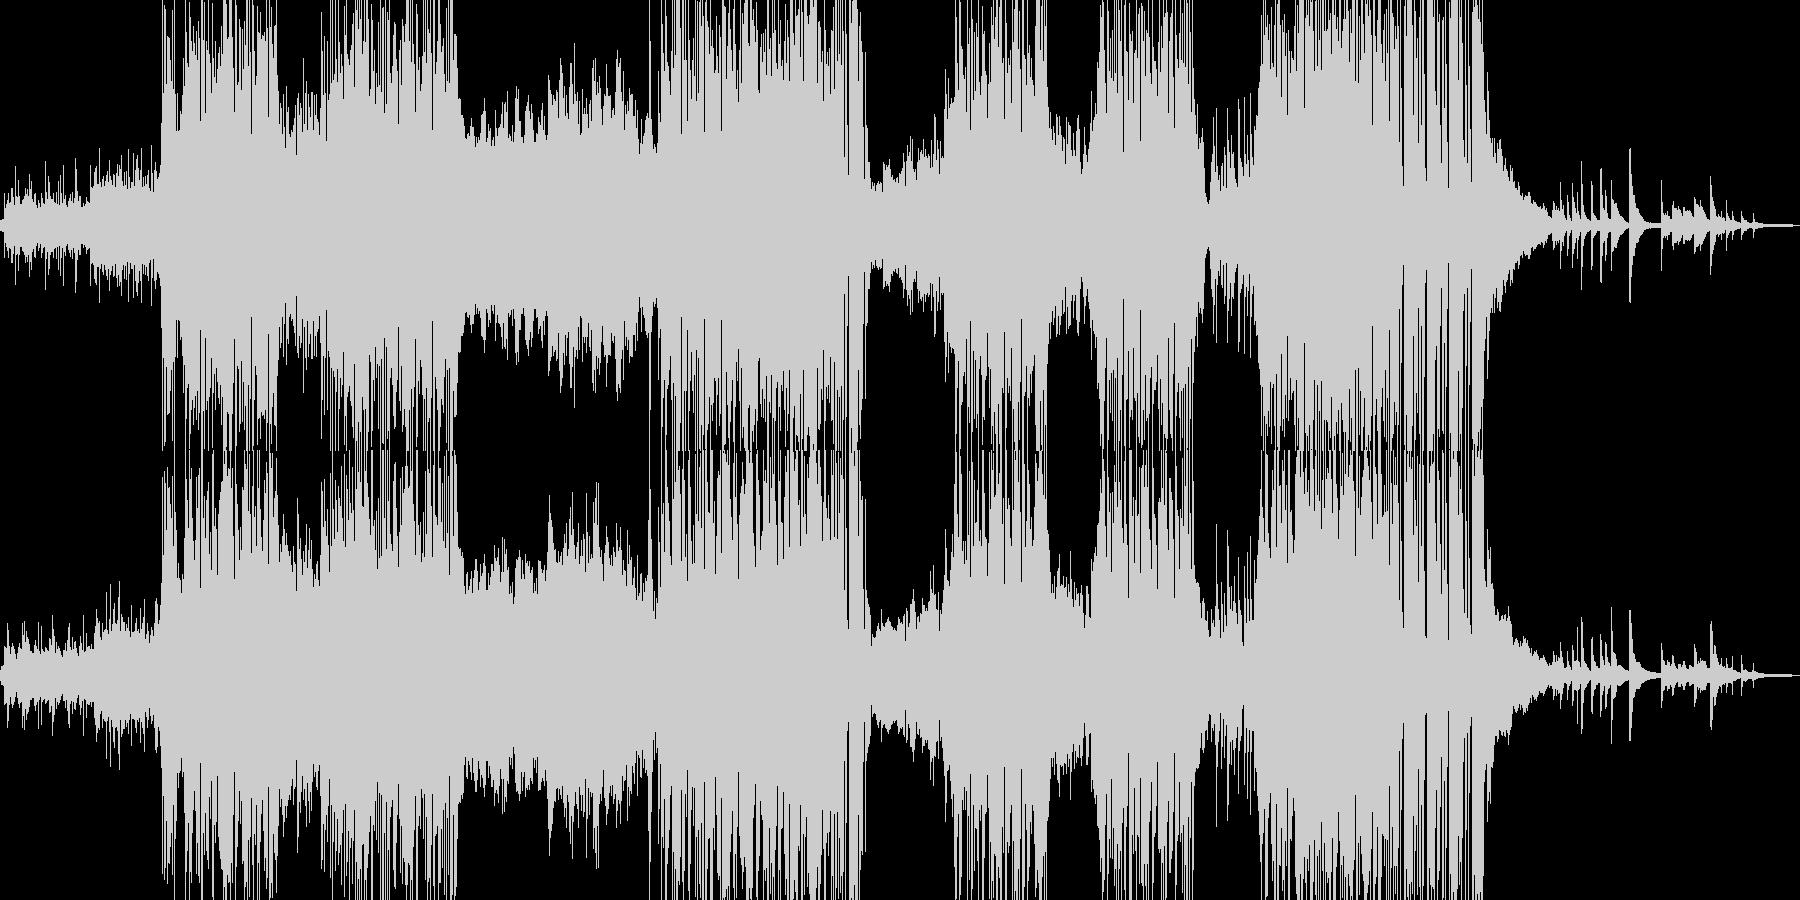 ハッピーな演出を彩るR&Bポップの未再生の波形